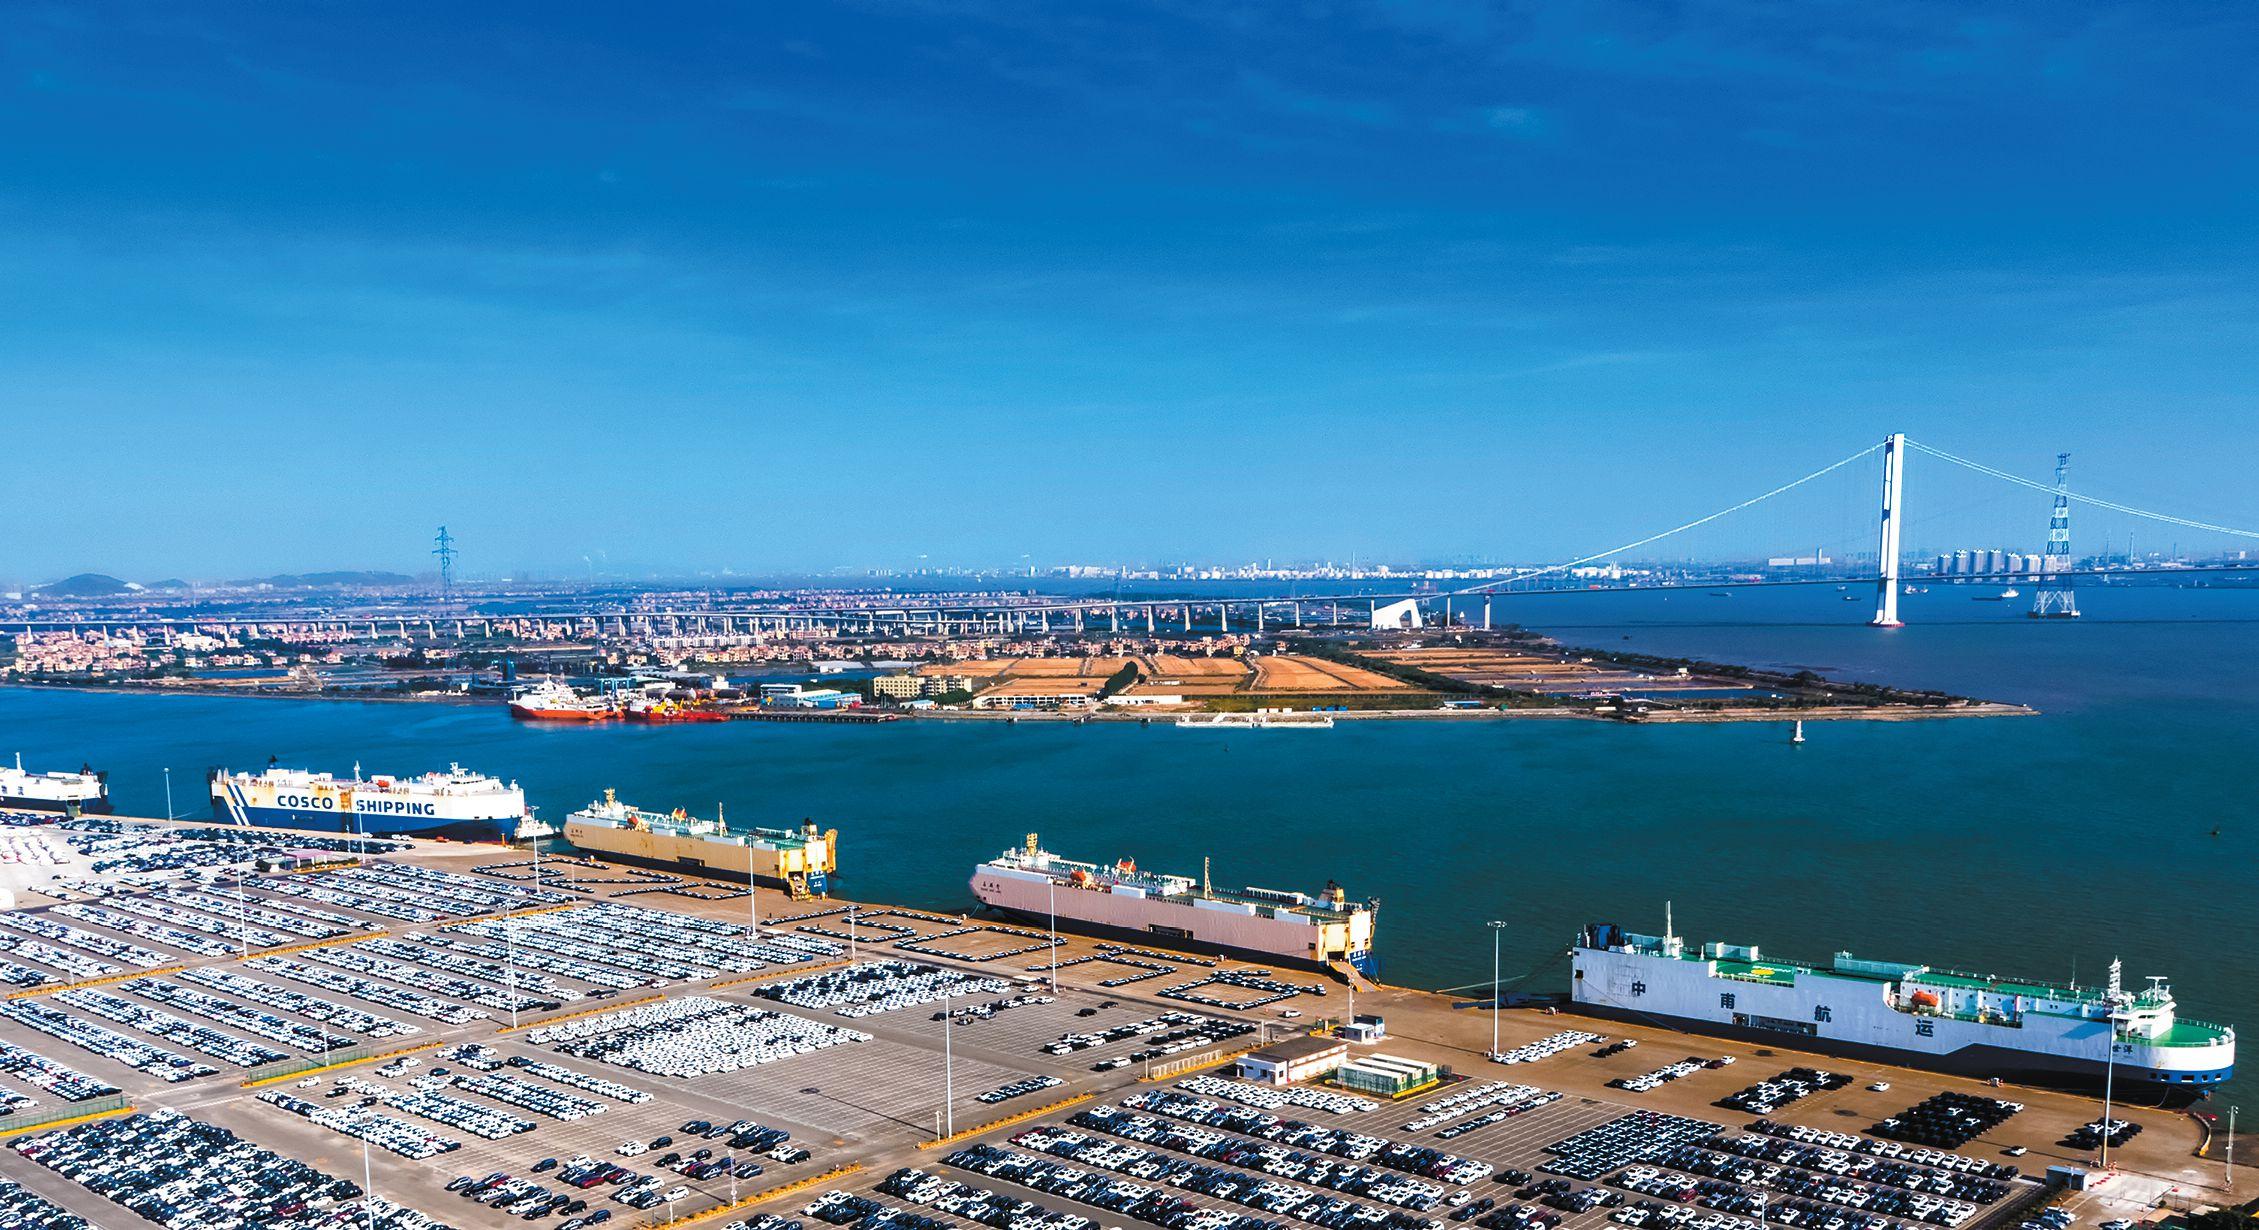 今年年底,近洋码头投产后,广州沙仔岛将形成国内最大滚装码头集群 羊城晚报记者 沈钊 通讯员 刘玺亚 黄永安 摄